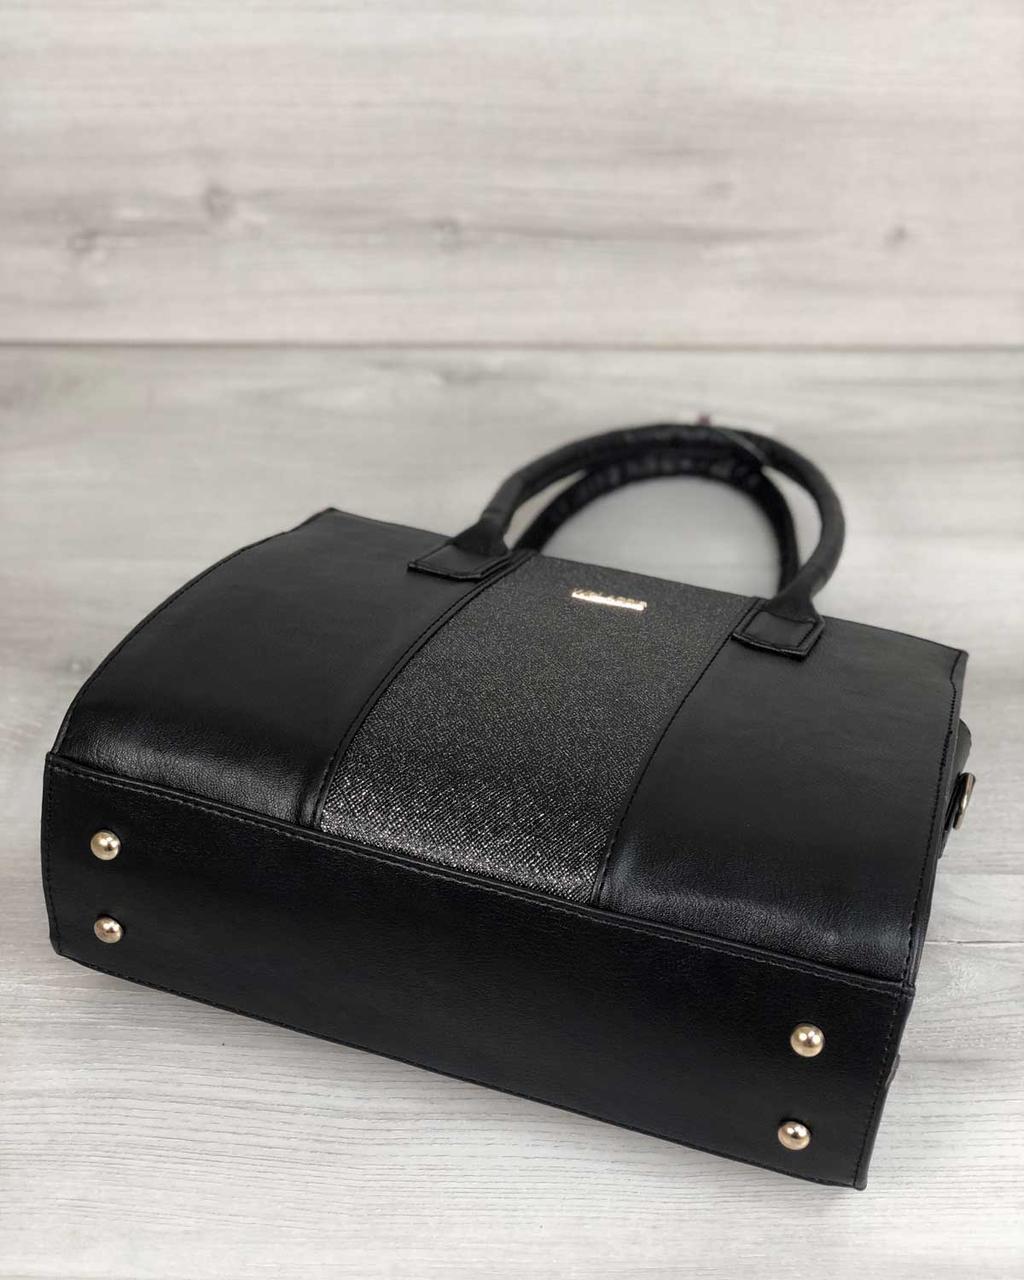 5aa3b9b309c6 Каркасная женская сумка Селин черного цвета со вставкой блеск - Ваш выбор в  Одессе